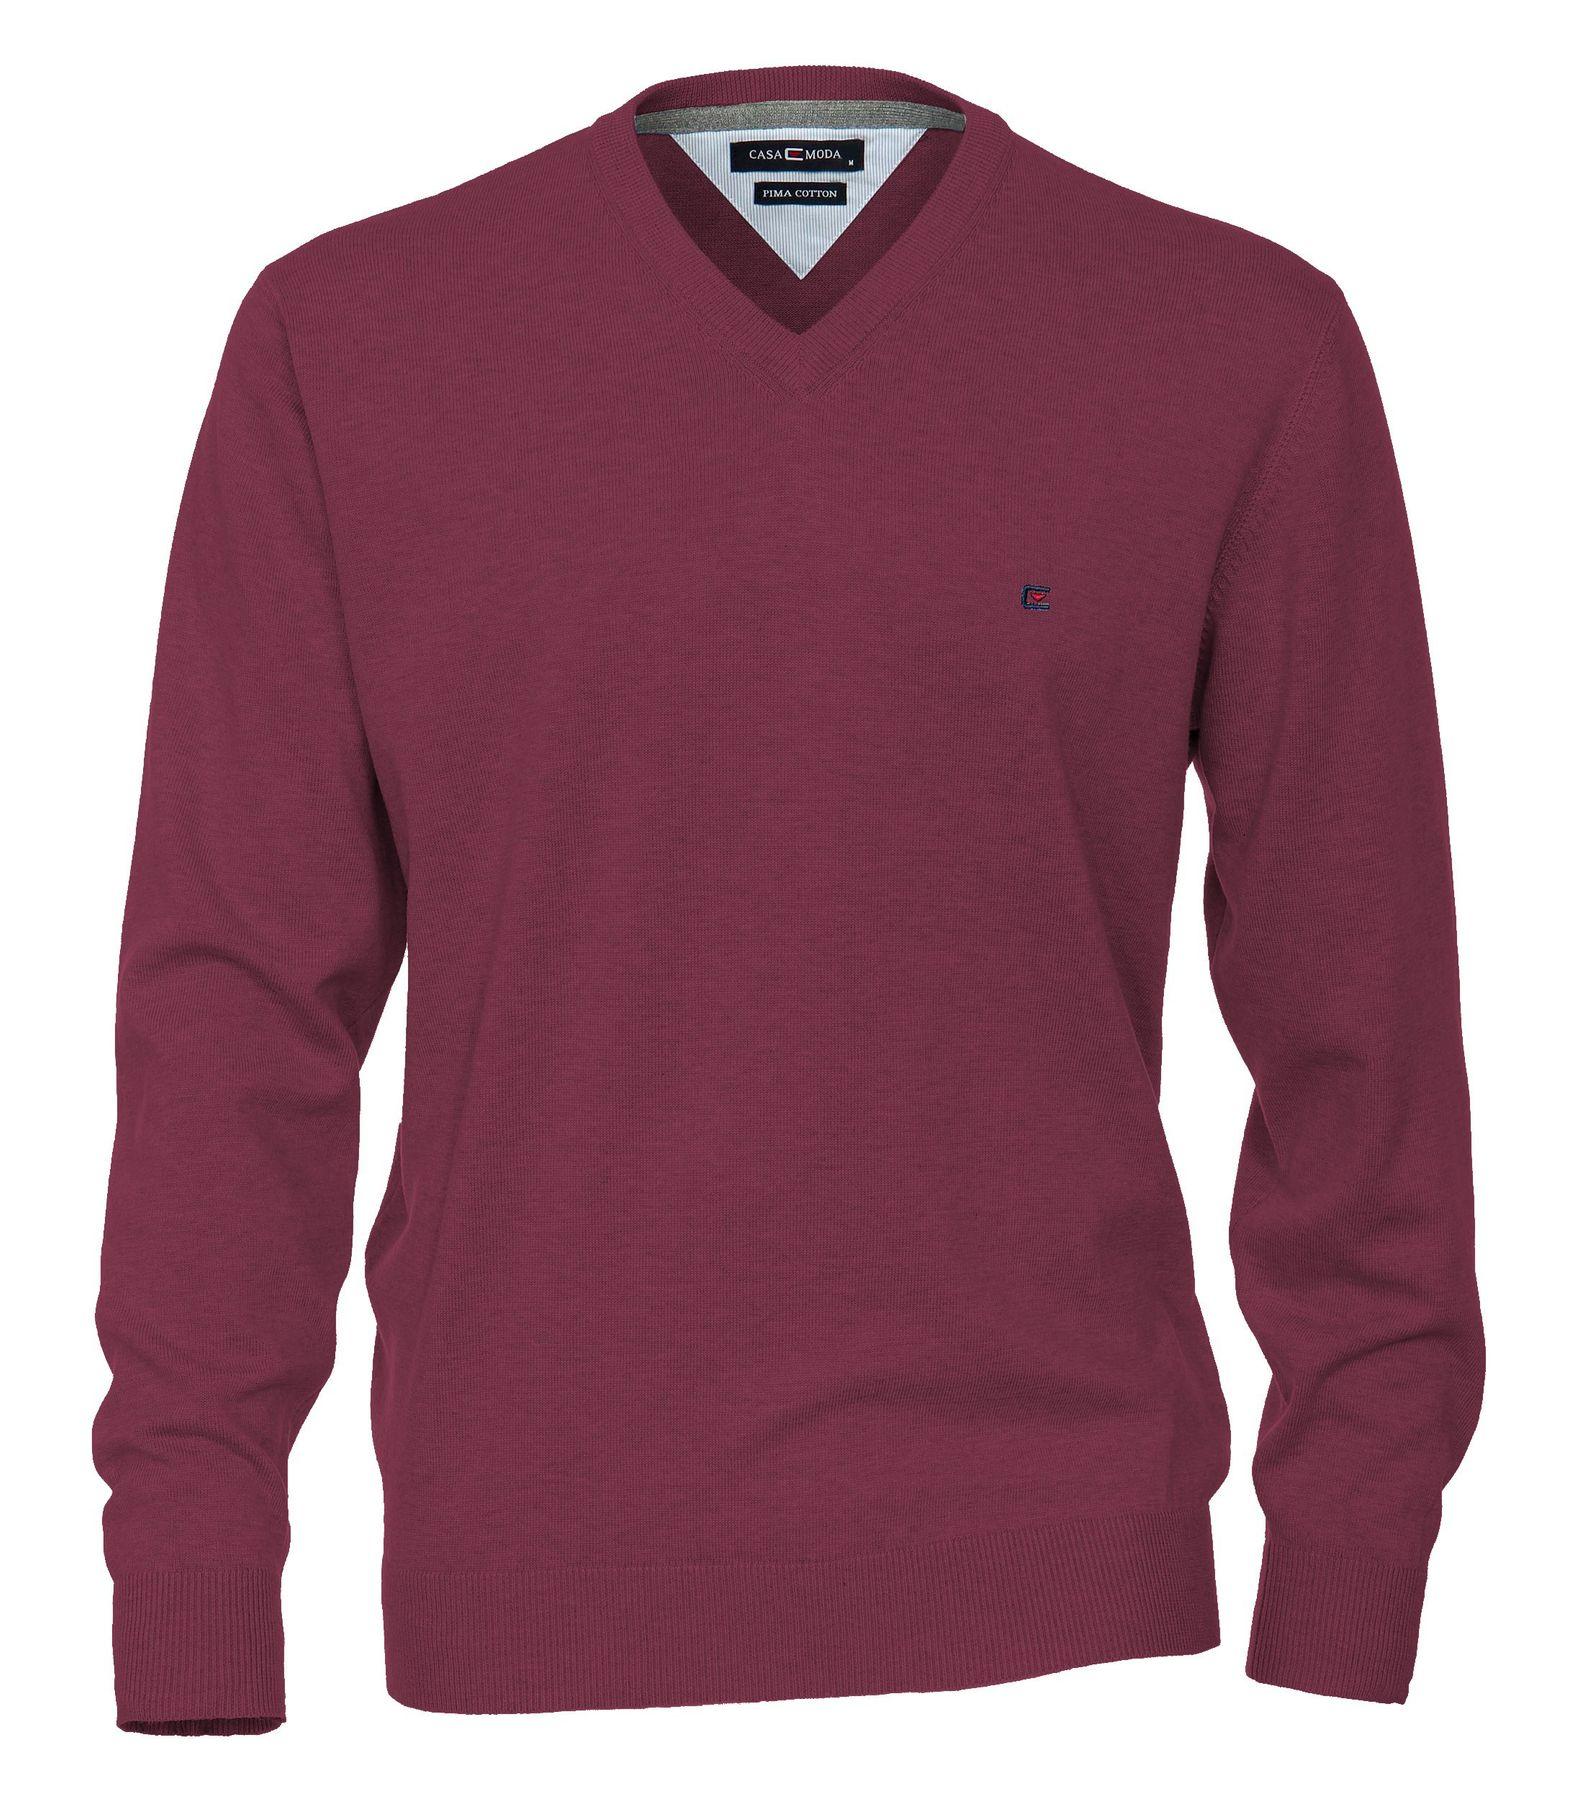 Casa Moda - Herren Pullover mit V-Ausschnitt in verschiedenen Farben (004130A) – Bild 10